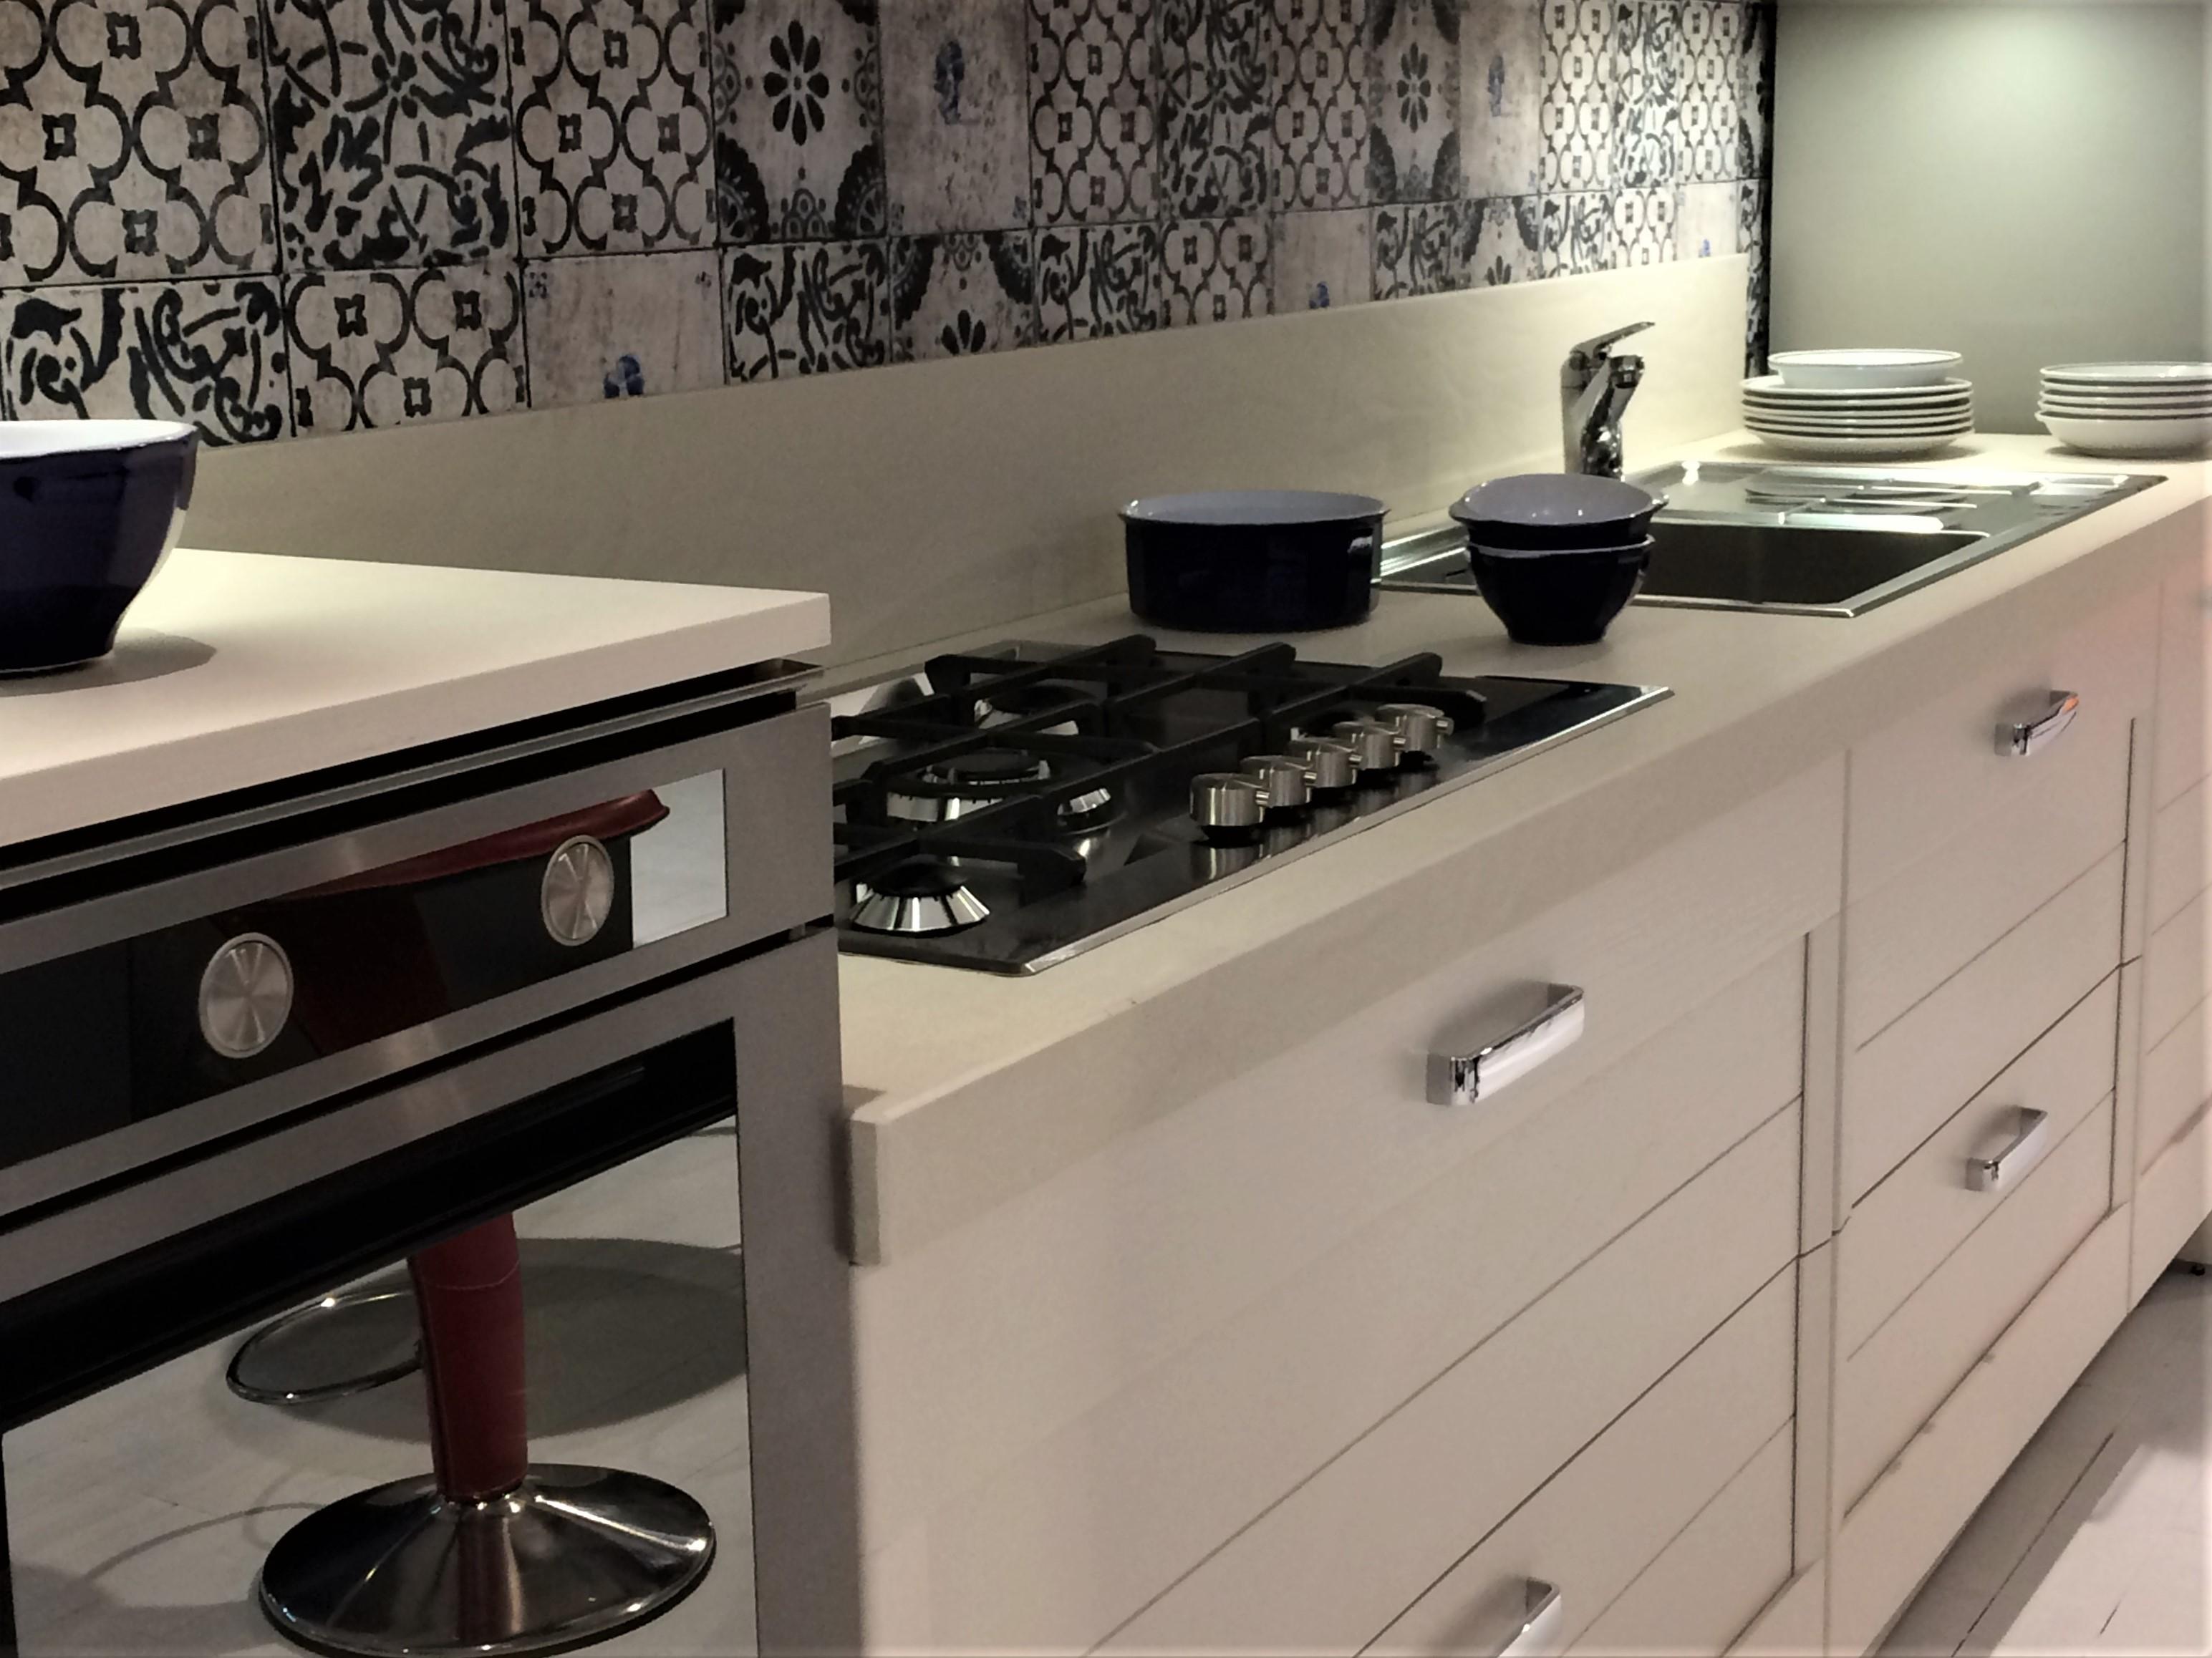 Cucina regula di elmar con carta da parati arredamenti pellegrinetti - Carta da parati cucina ...